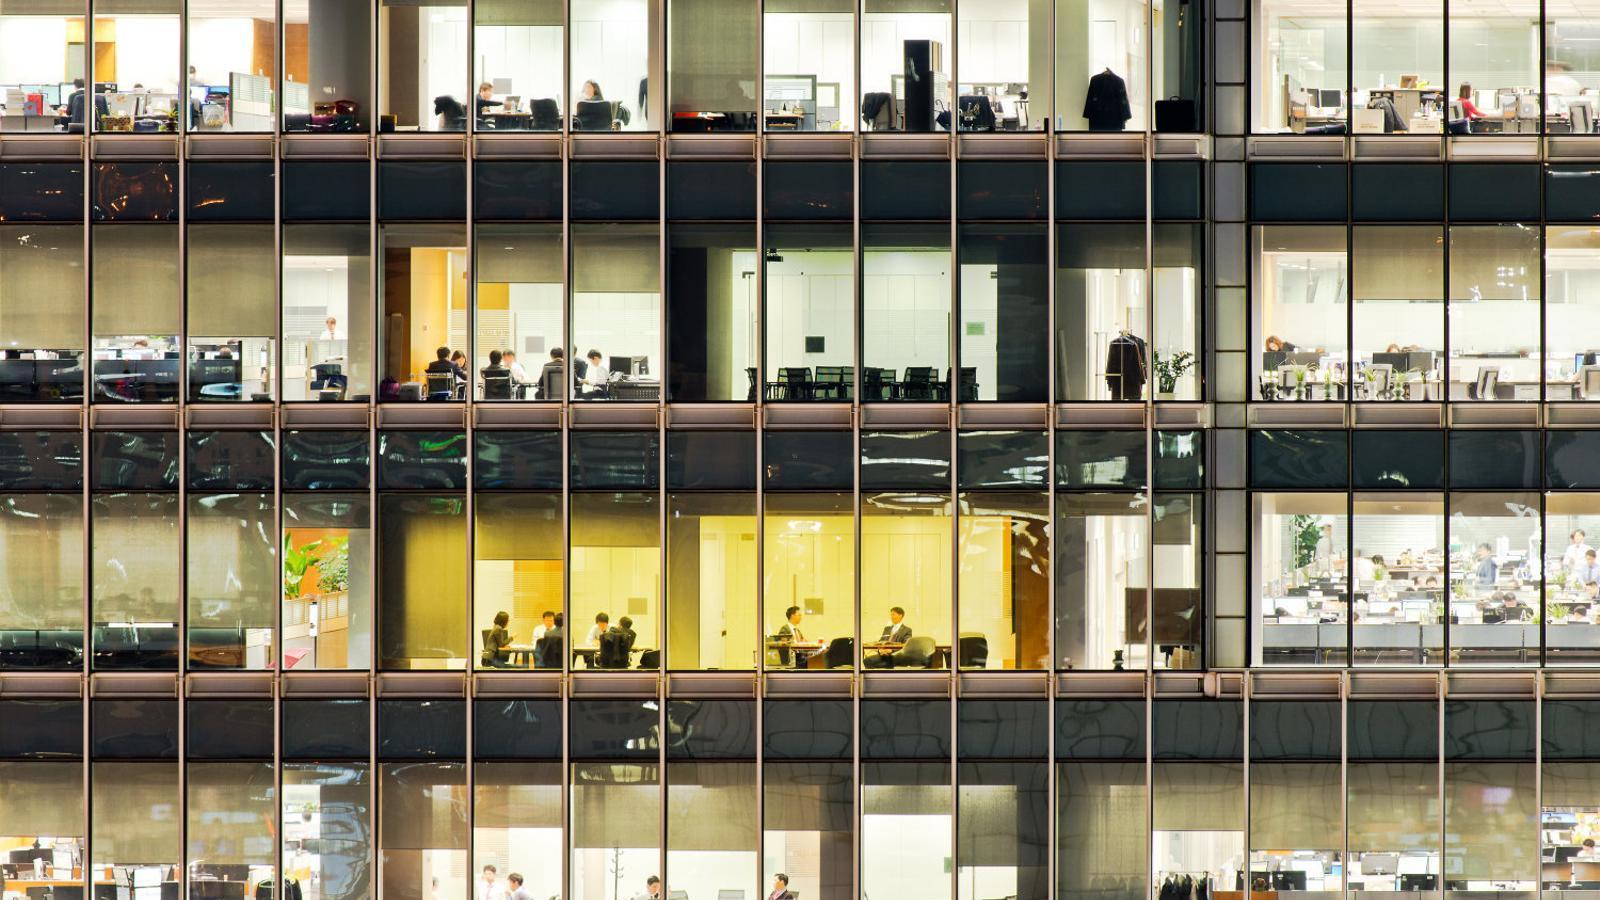 Les empreses tenen tres mesos per completar el trasllat de la seu des del moment en què l'inicien. Segons els registradors, algunes esperen a veure què passa el 21-D.